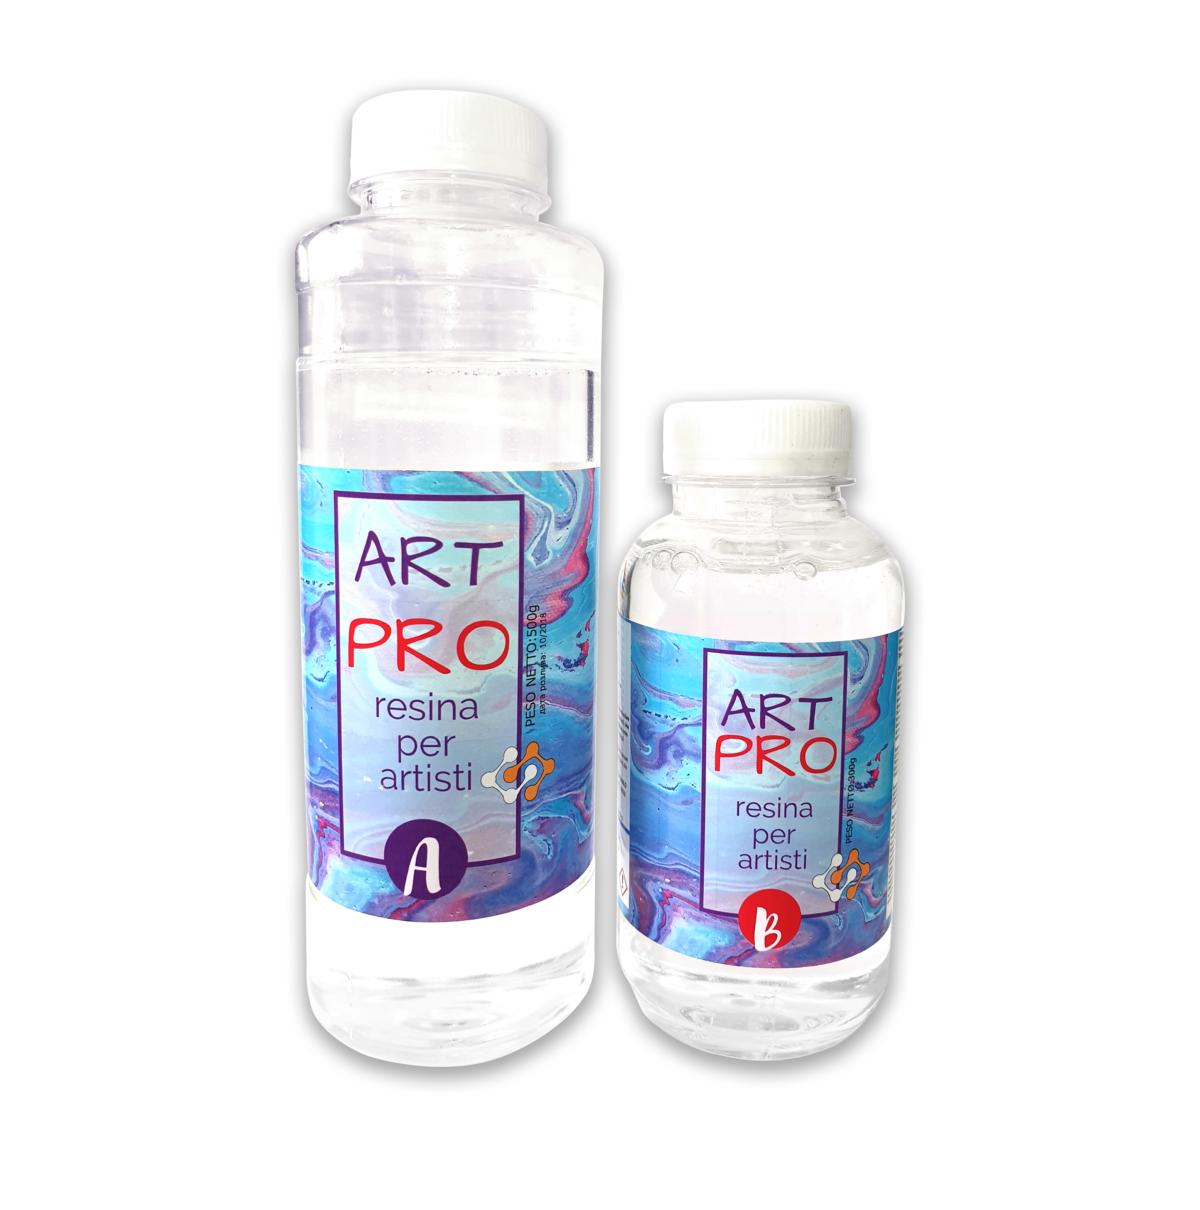 Смола Art-Pro для рисования и творчества 0.8 кг